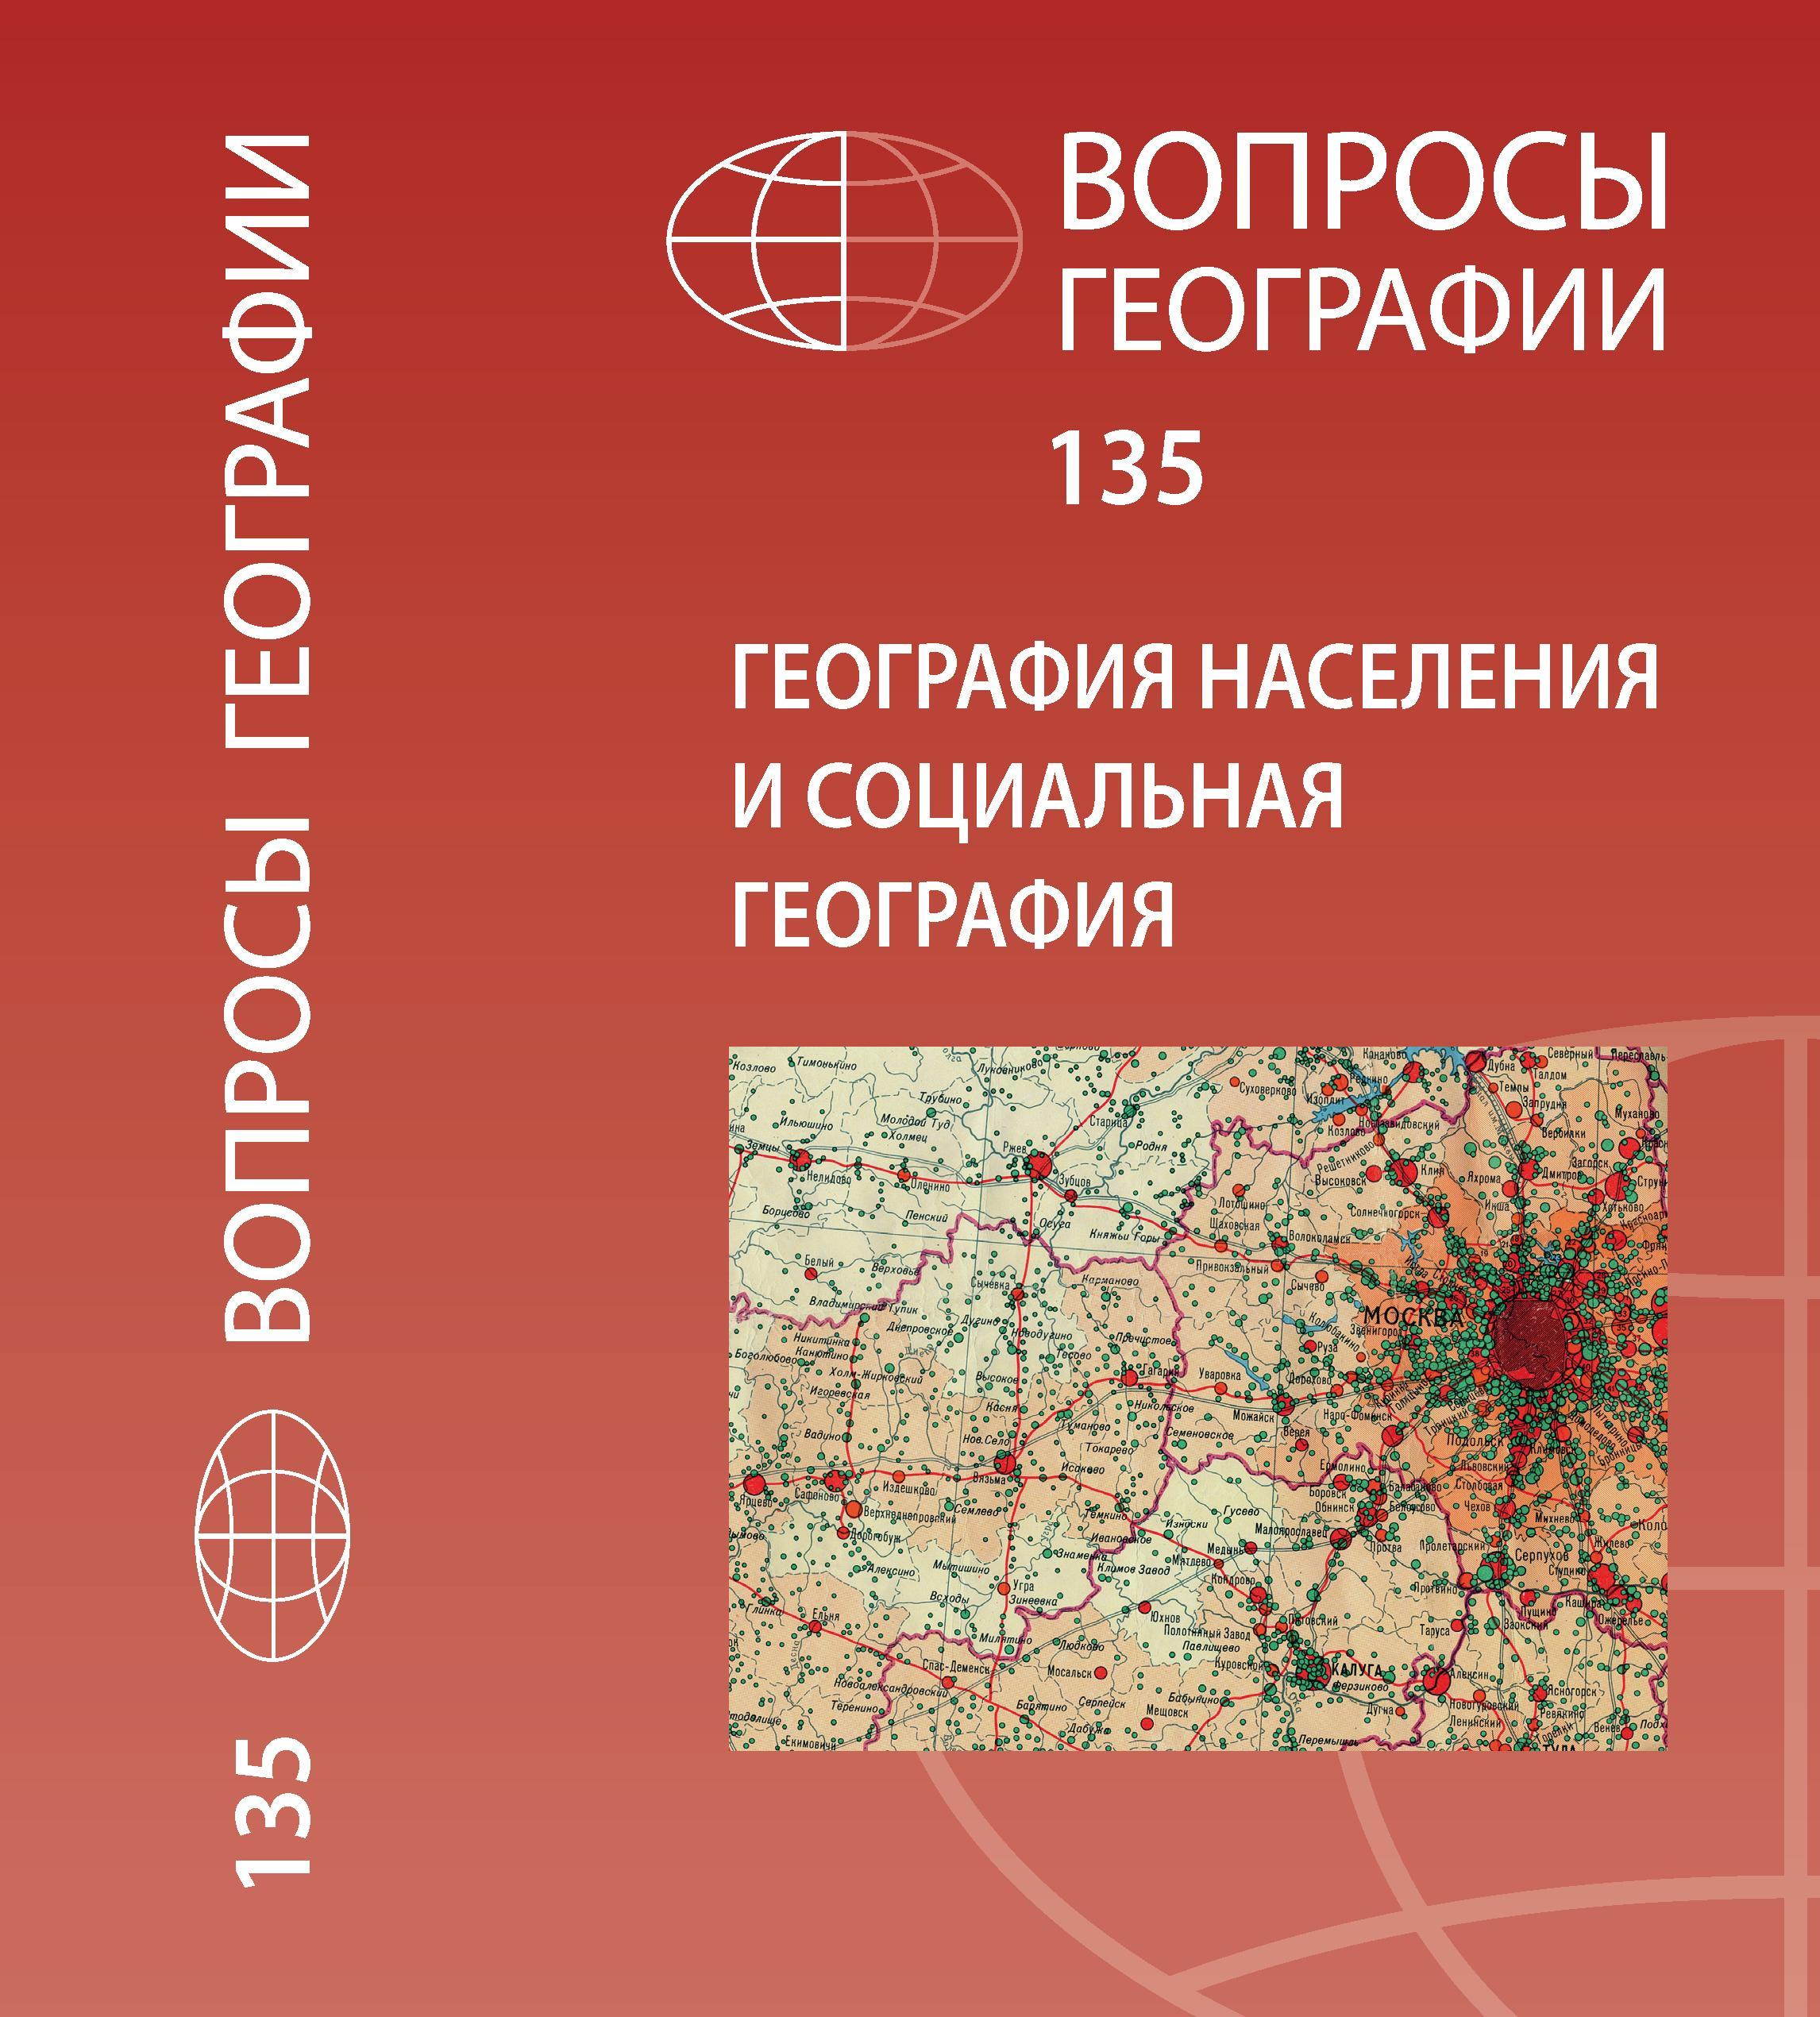 Вопросы географии